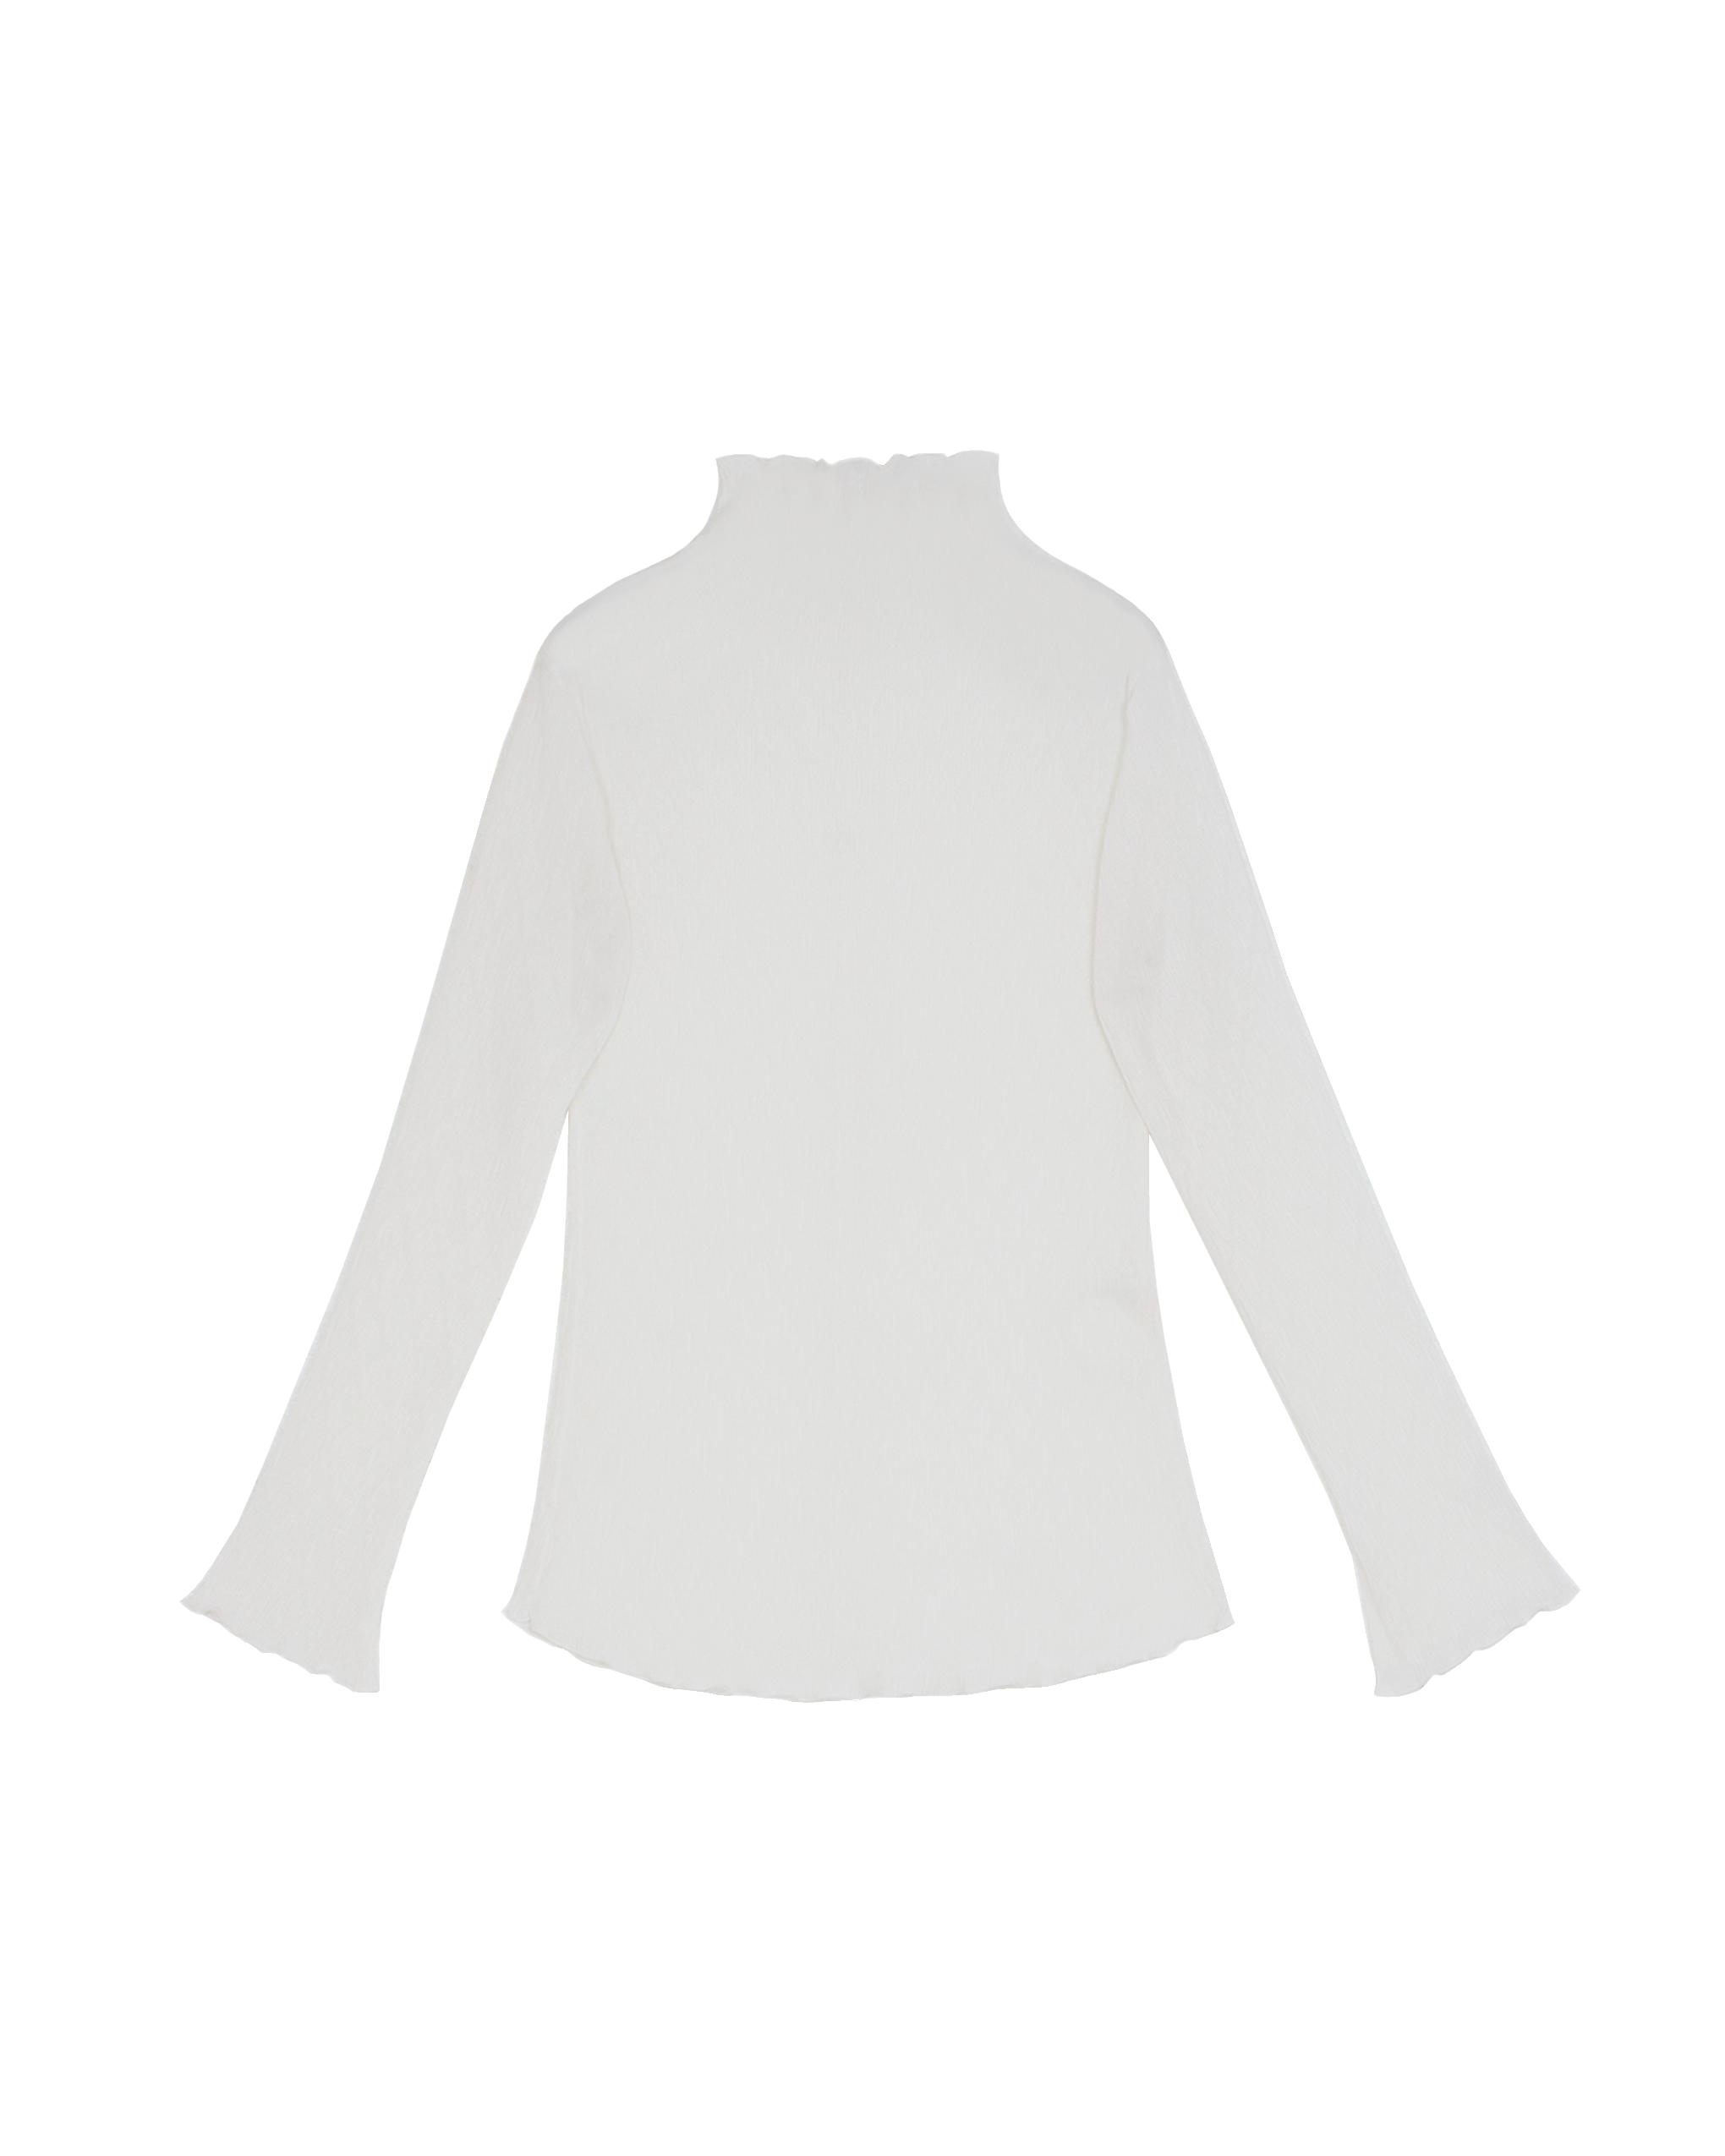 EMIN + PAUL white lettuce edge blouse.